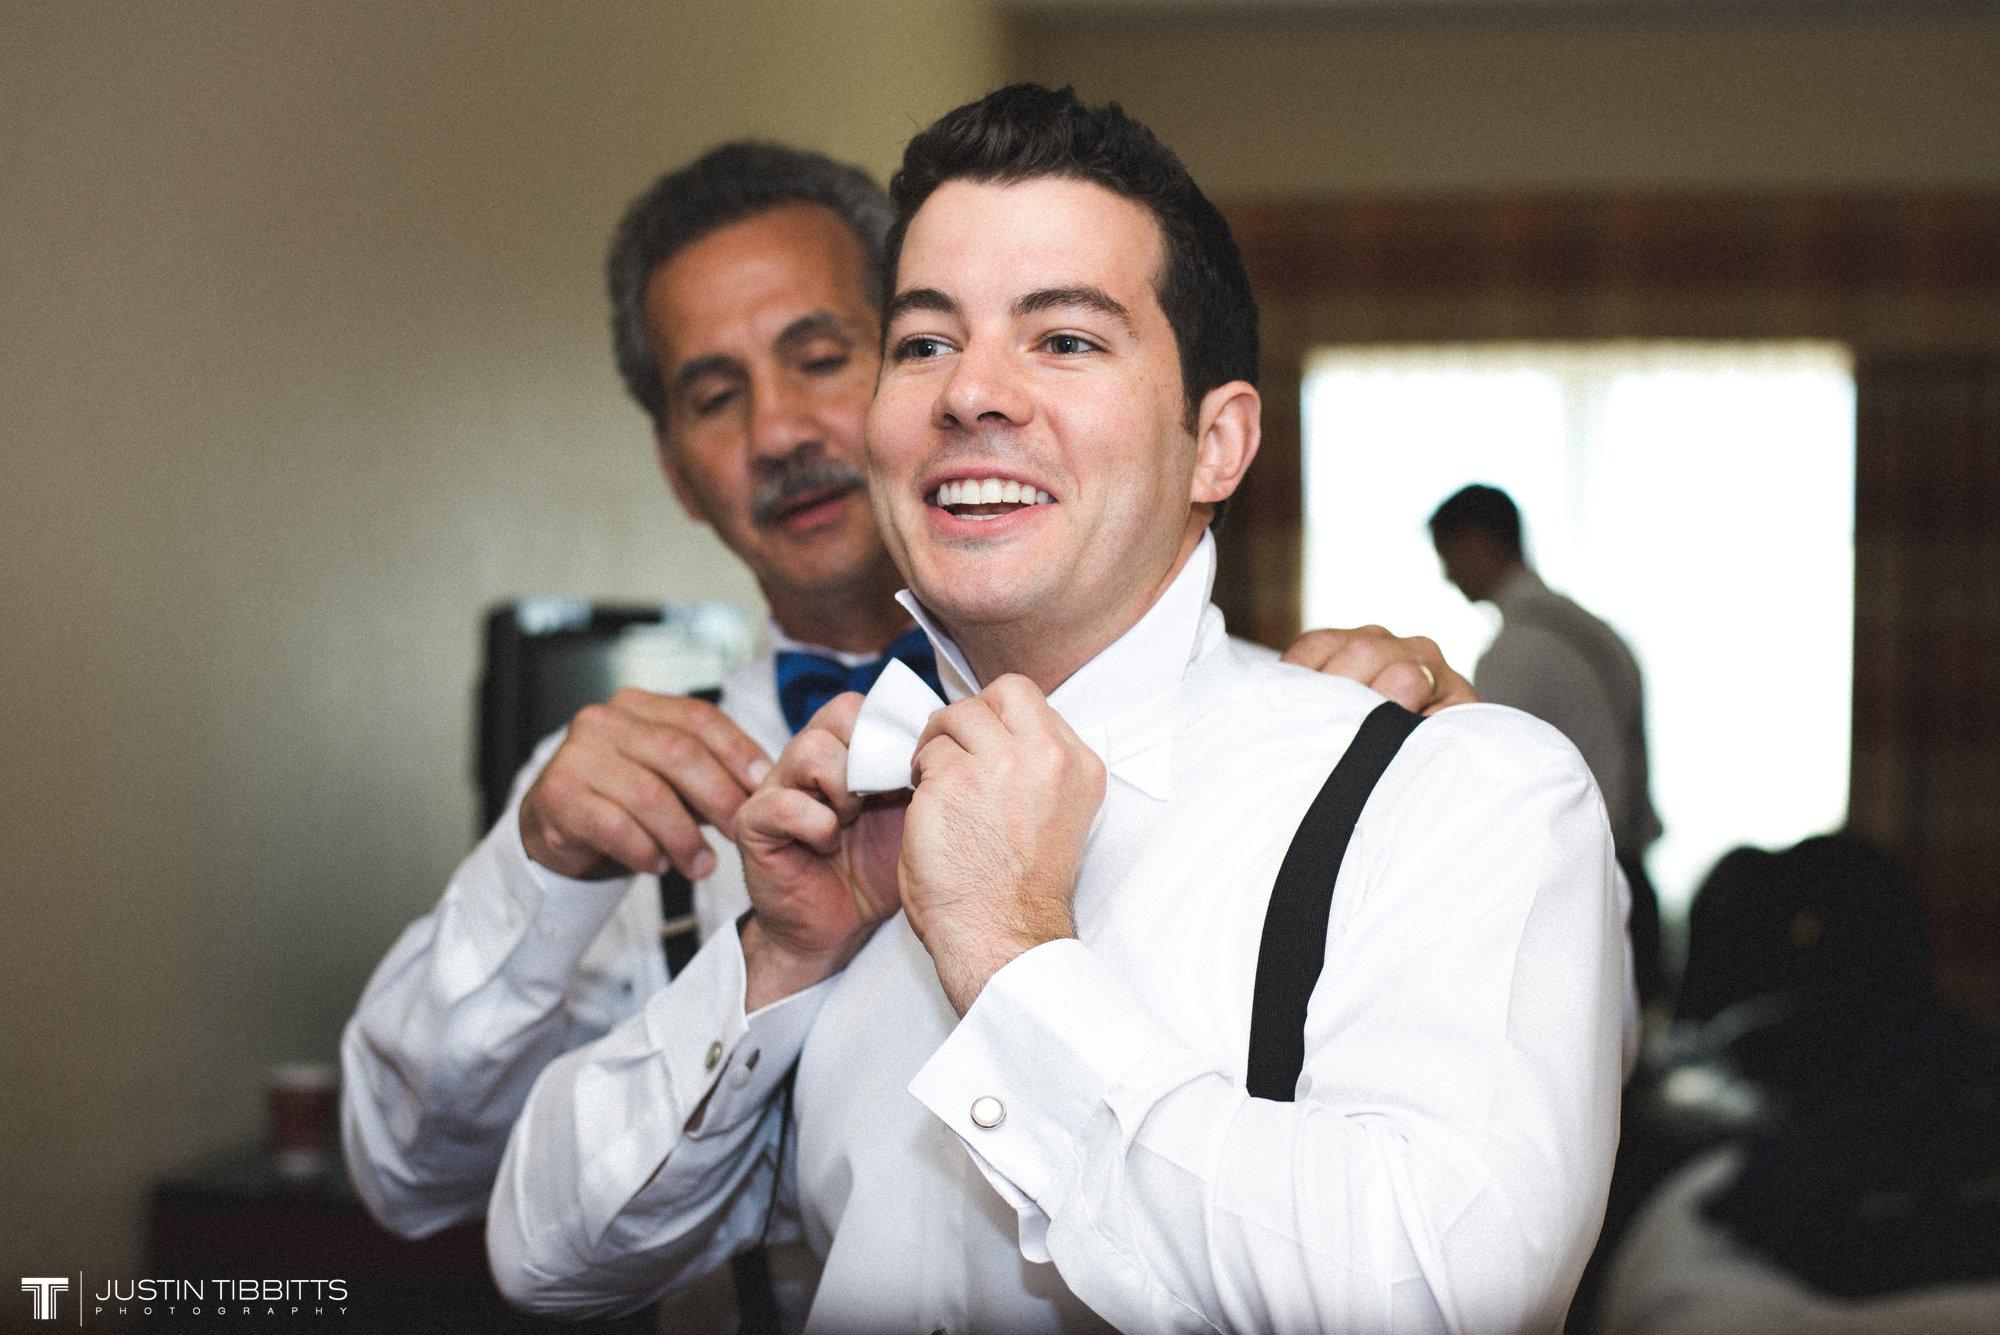 Albany NY Wedding Photographer Justin Tibbitts Photography 2014 Best of Albany NY Weddings-2182130